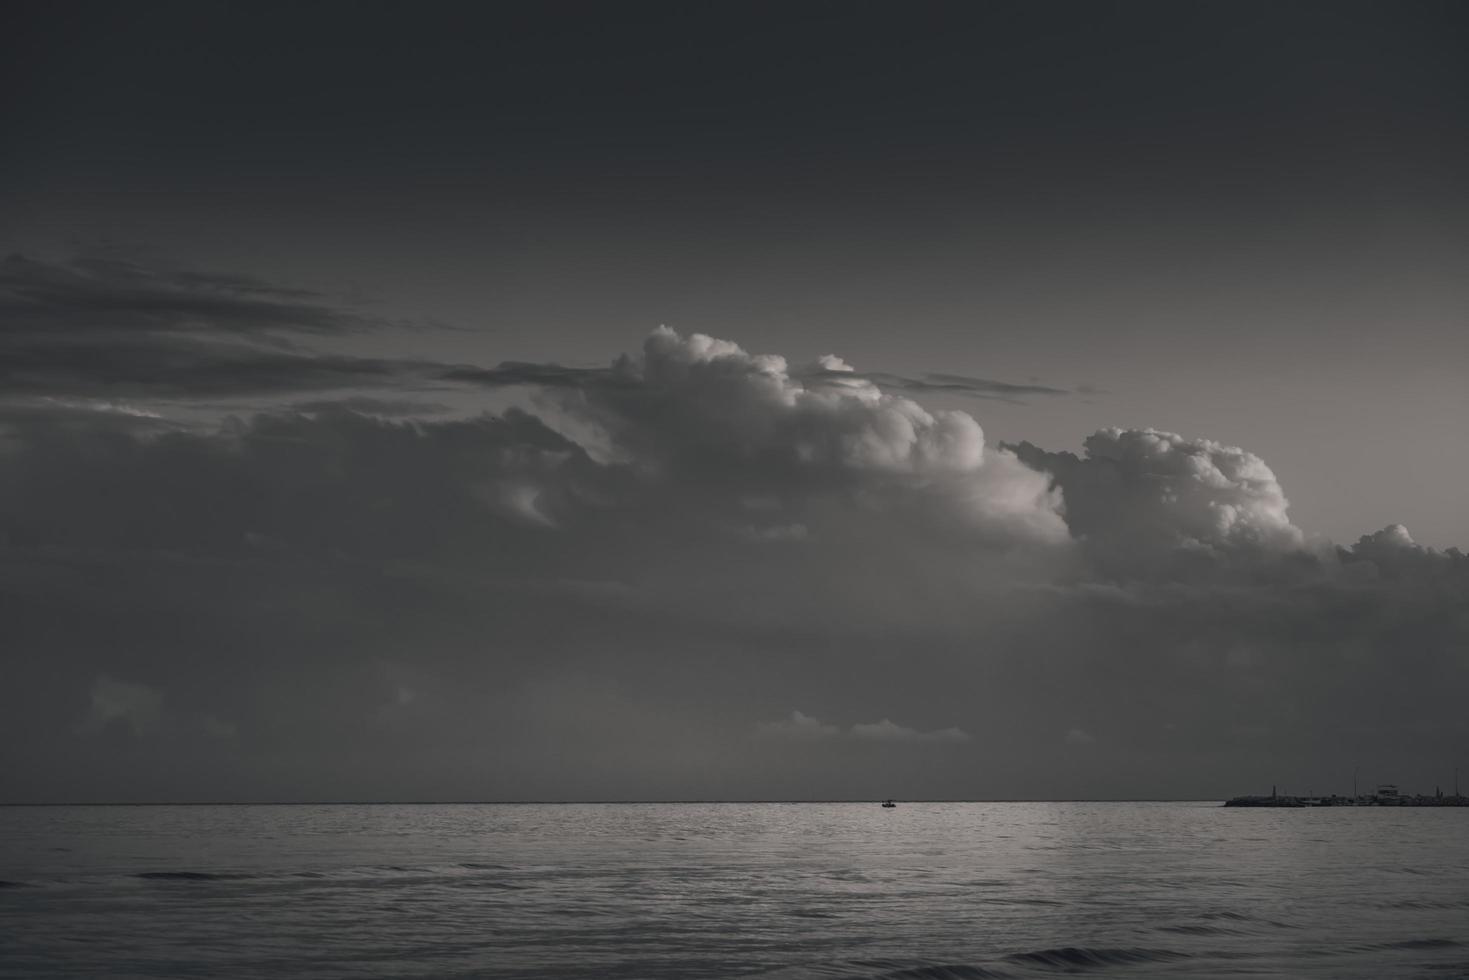 paisagem nebulosa sombria sobre o mar foto